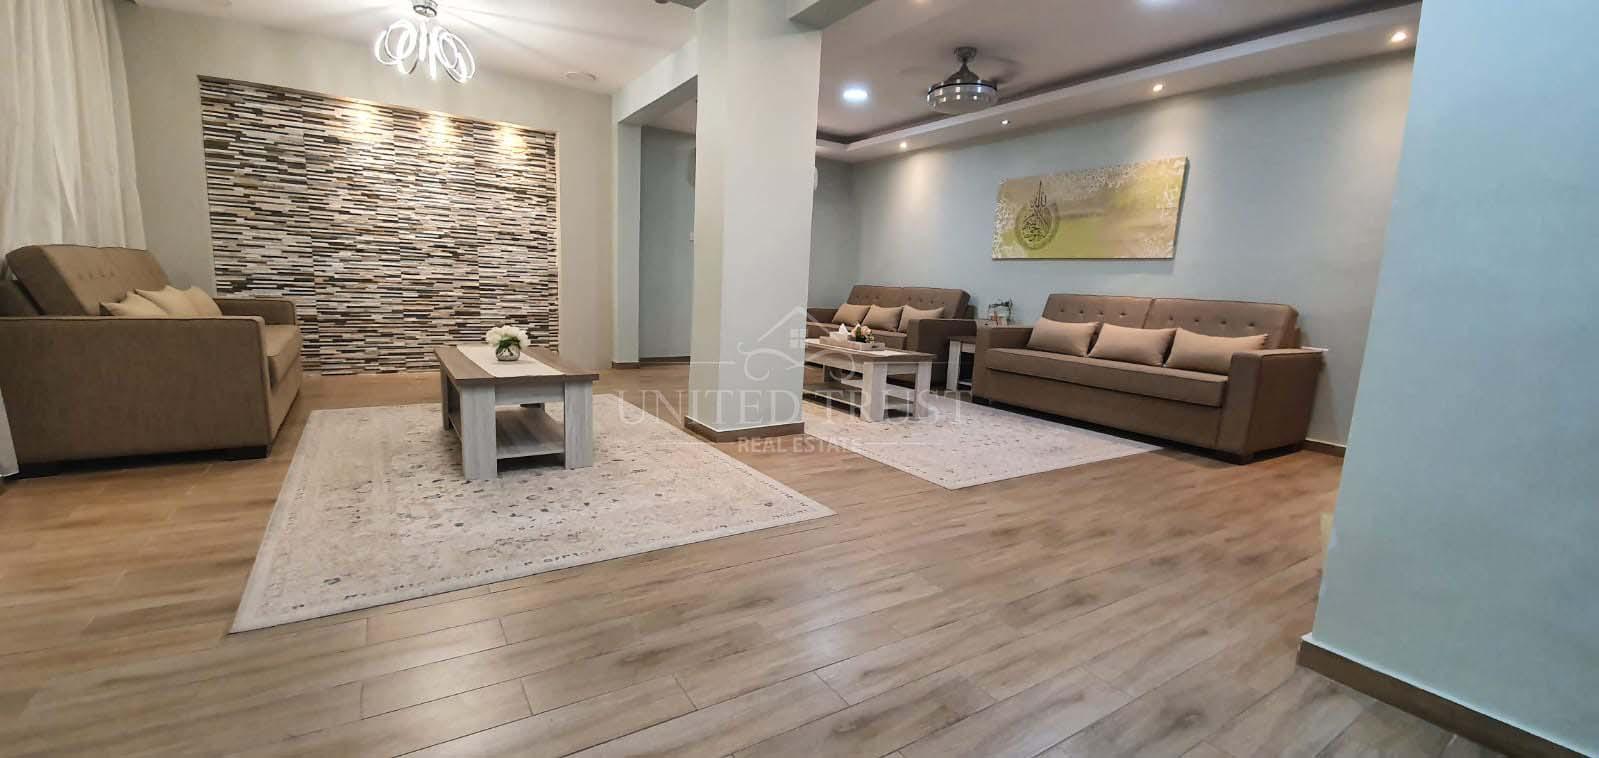 For Sale a Villa in Riffa Ref: RIF-AZ-009